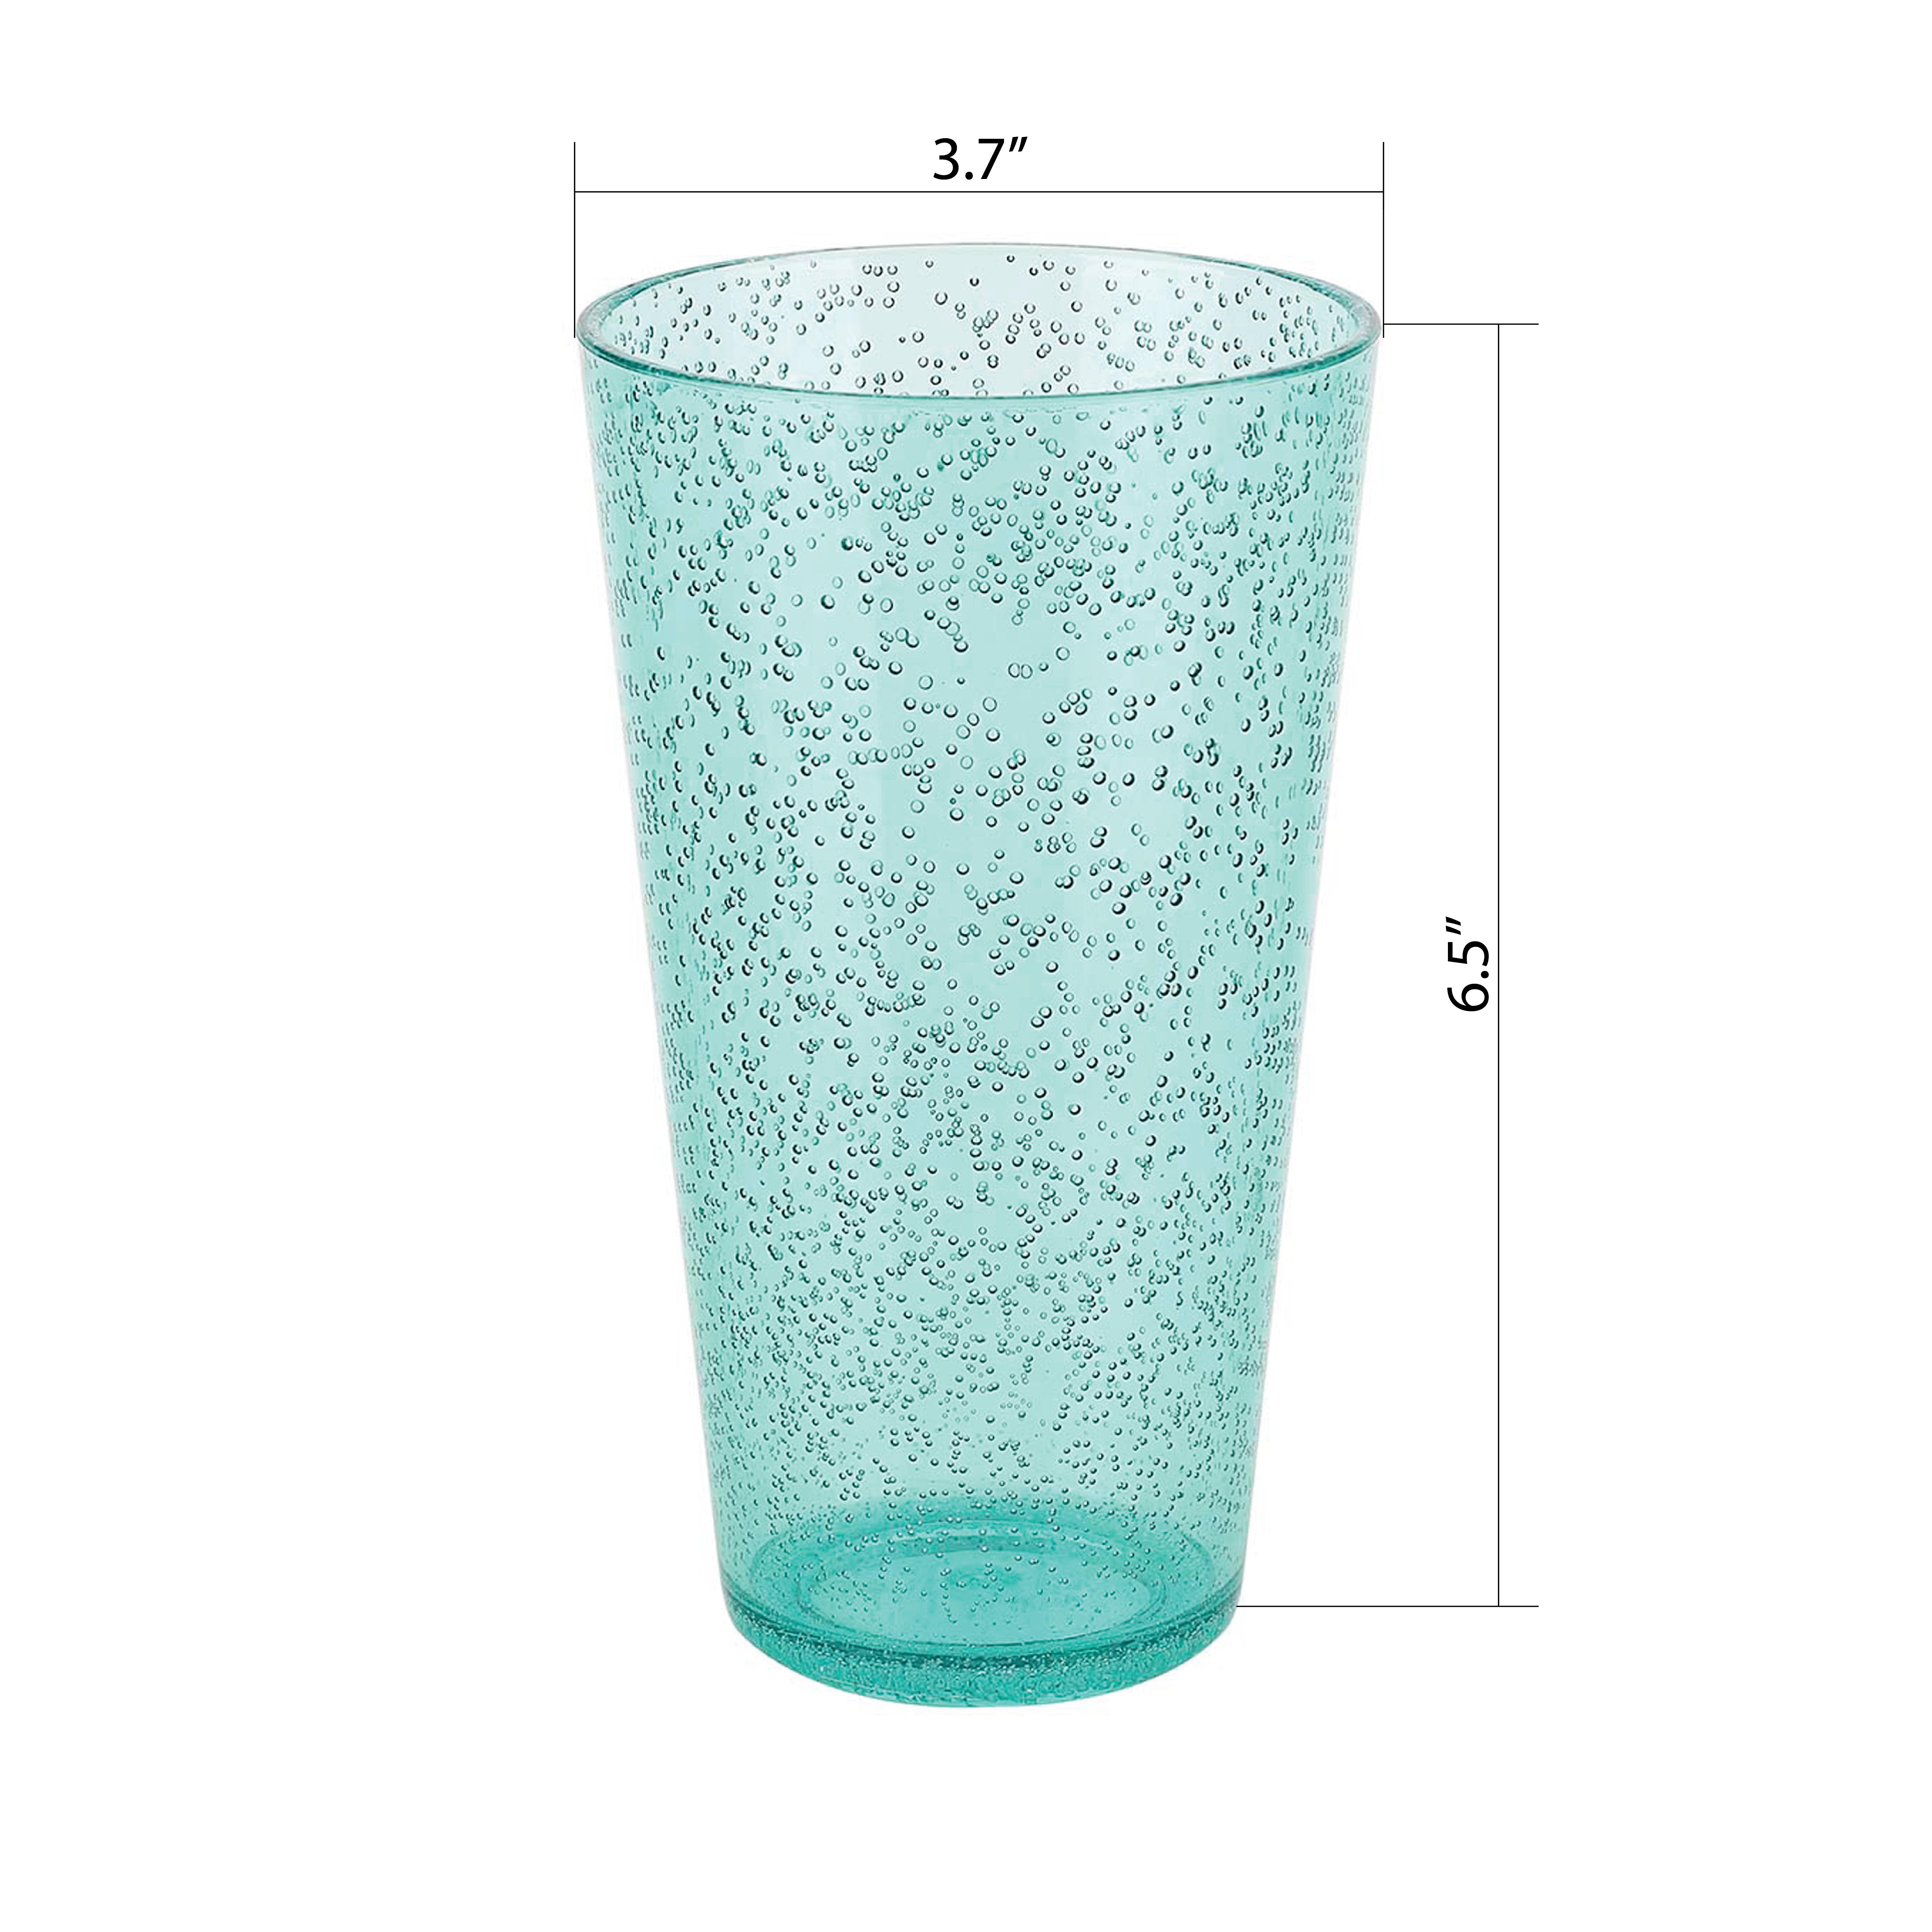 Spritz 23 ounce Highball Glass, Mint, 6-piece set slideshow image 12